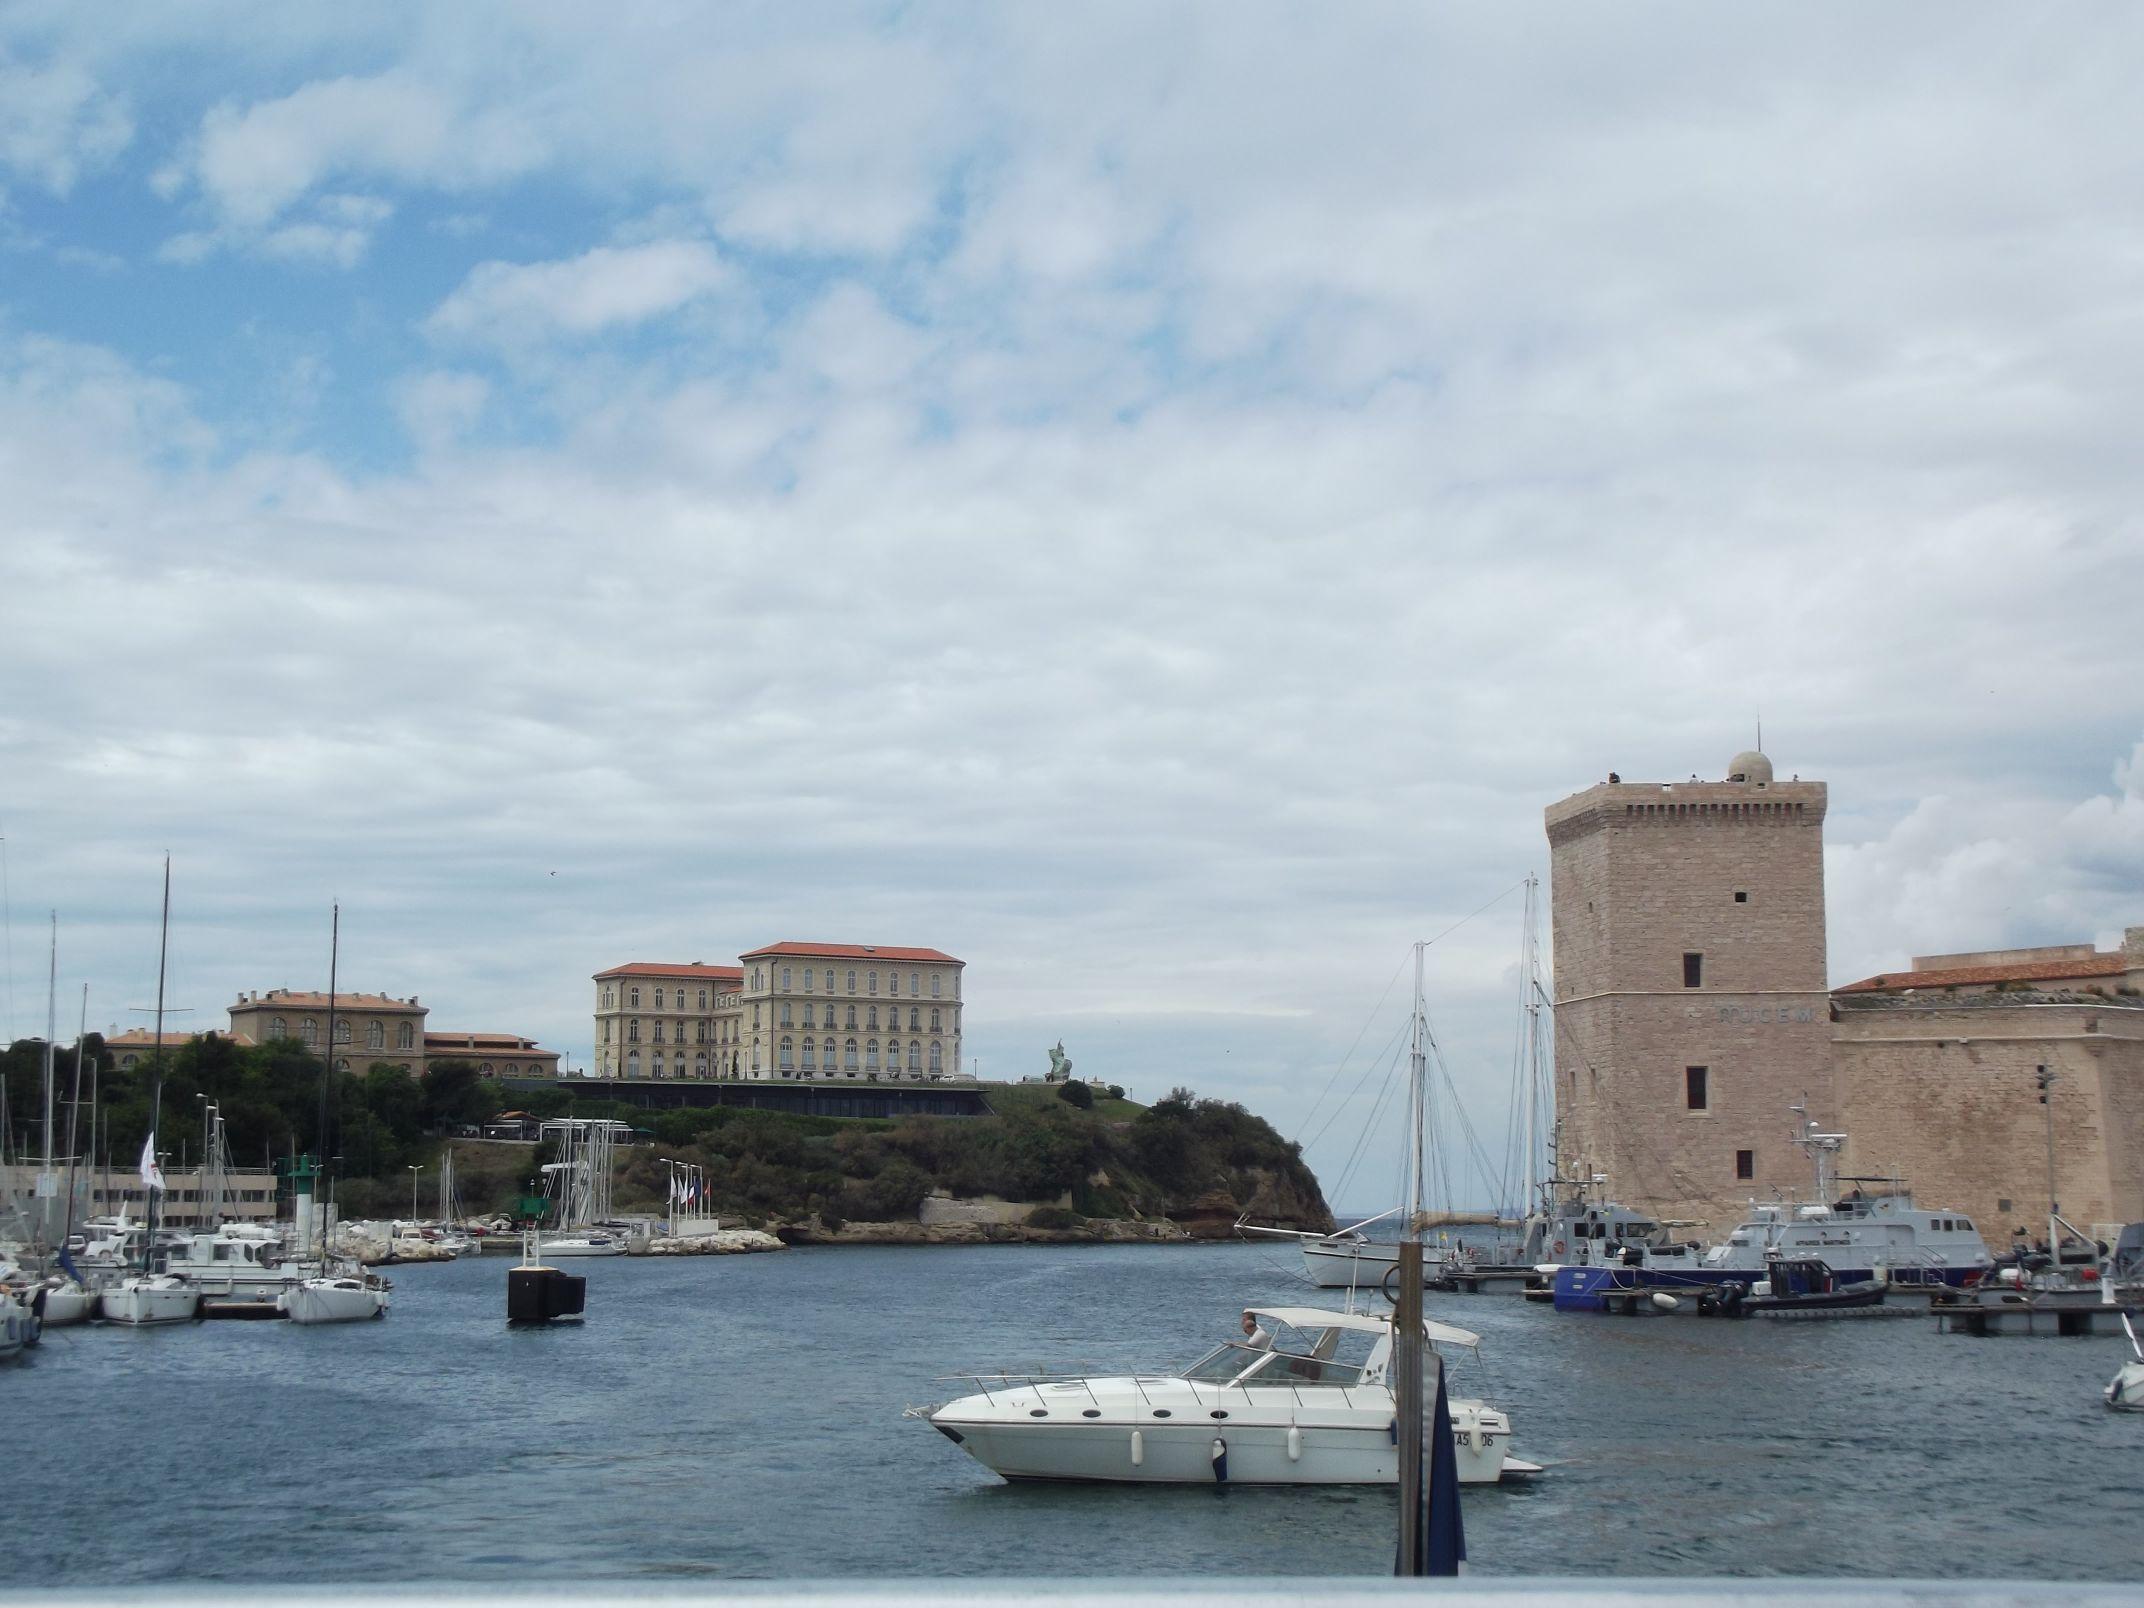 A kikötő bejárata kastéllyal, erőddel